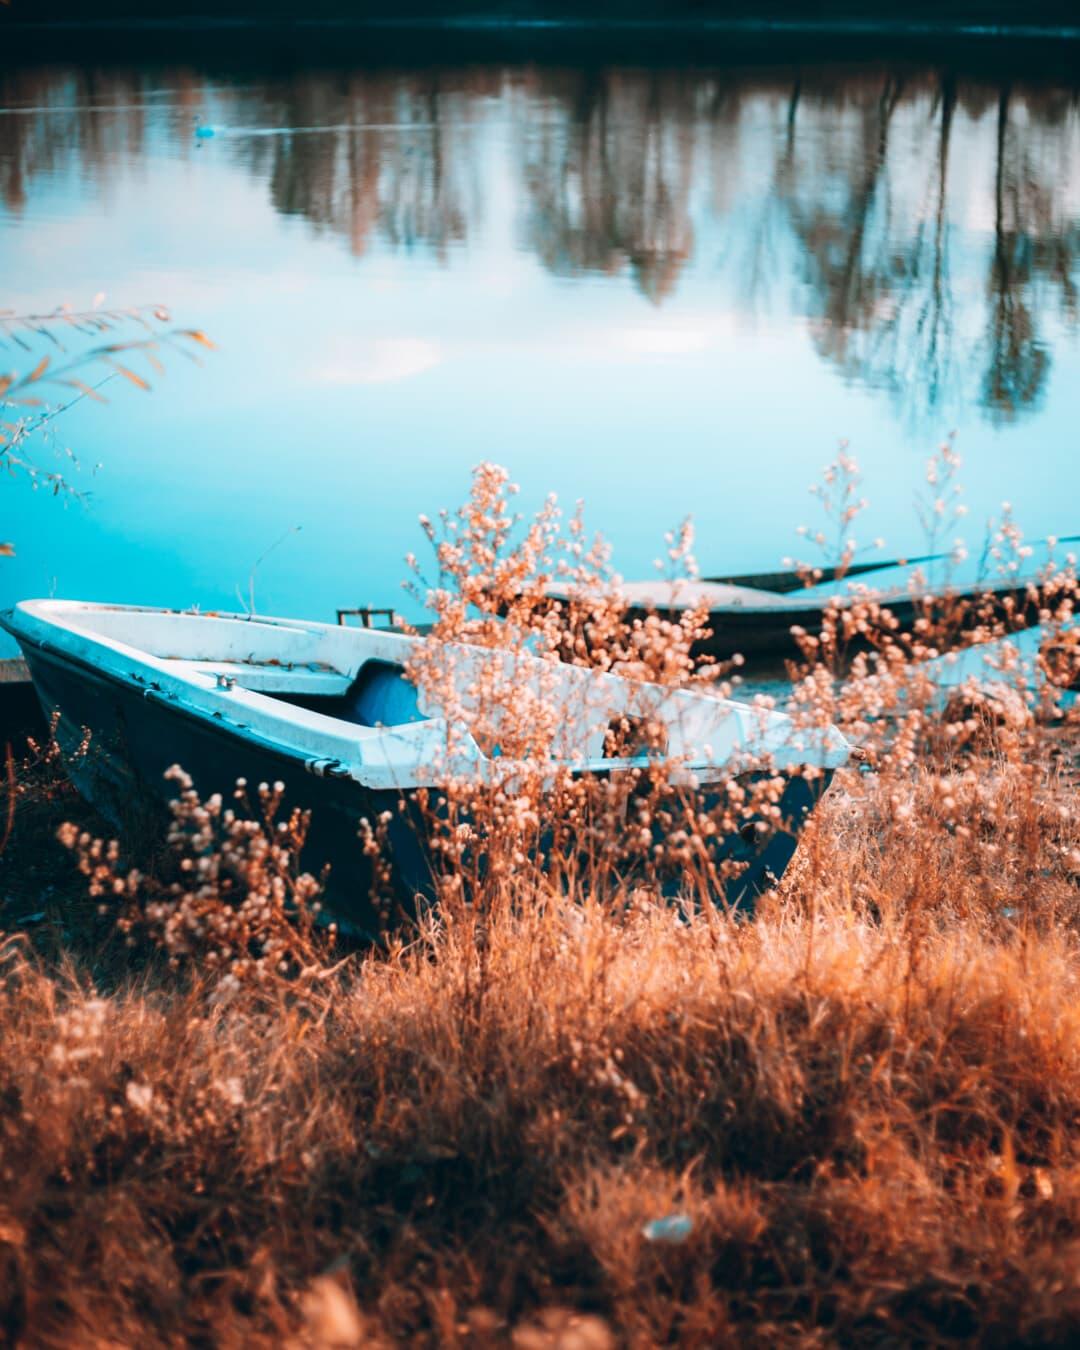 côte, bateau, saison de l'automne, ensoleillée, au bord du lac, graminées, saison sèche, mauvaises herbes, paysage, eau